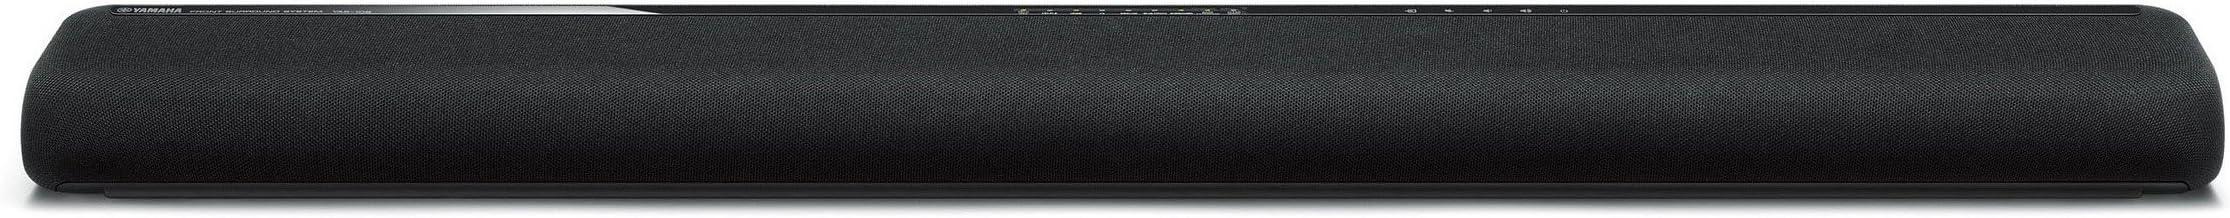 Yamaha ATS-1060 Sound Bar with Dual Built-In Subwoofers